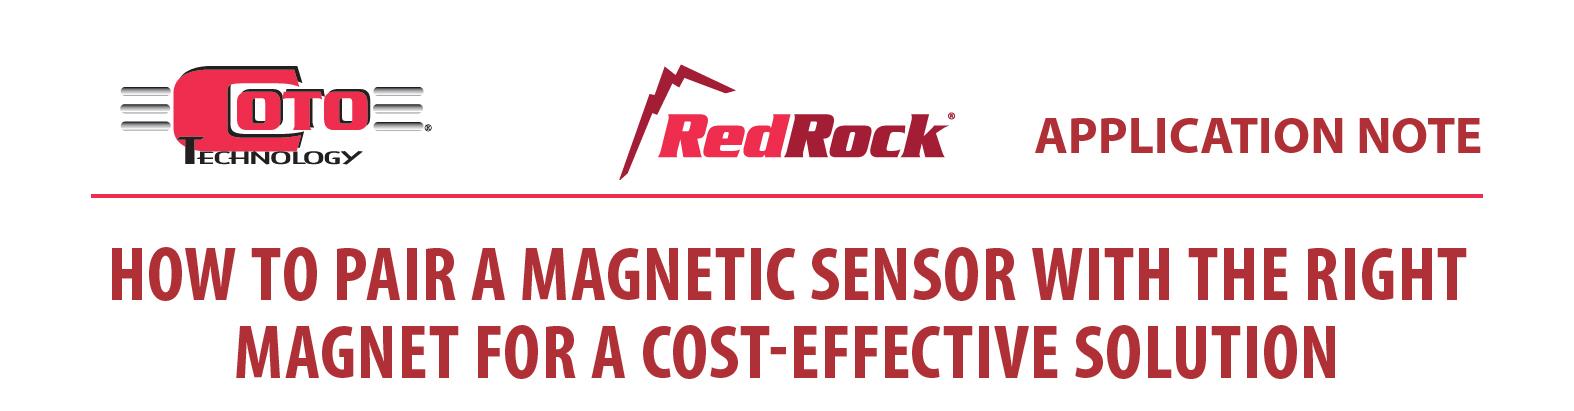 Jak dopasować czujnik magnetyczny TMR do odpowiedniego magnesu dla uzyskania efektywnego kosztowo rozwiązania?